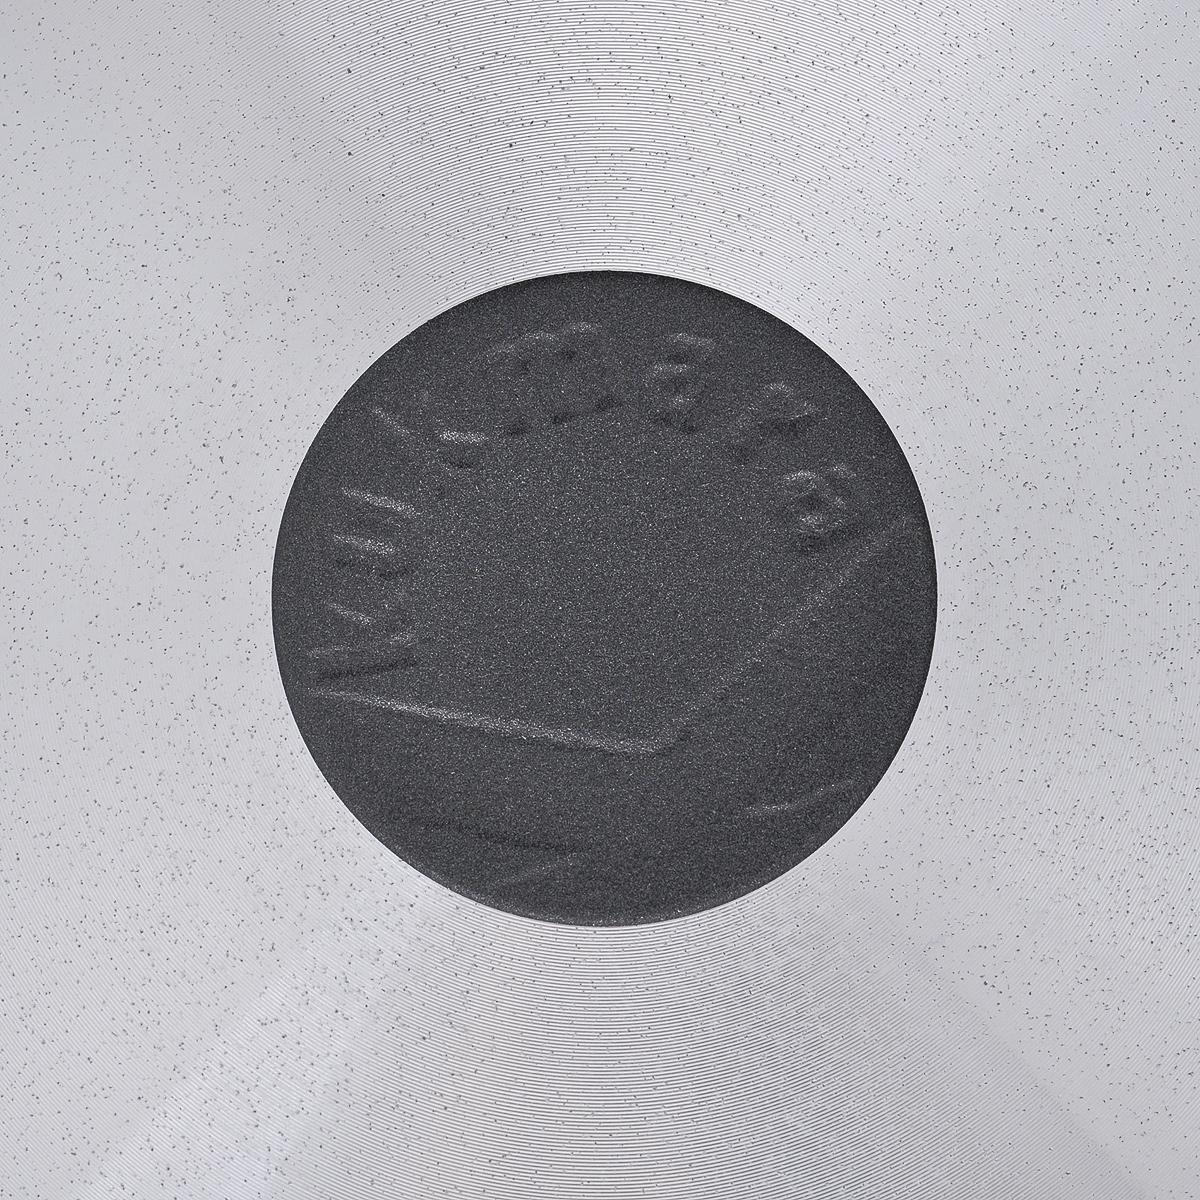 """Сковорода """"Kukmara"""", изготовлена из литого алюминия с внутренним антипригарным покрытием, усиленным керамикой. Благодаря этому пища не пригорает и не прилипает к стенкам. Готовить можно с минимальным количеством масла и жиров. Гладкая поверхность обеспечивает легкость ухода за посудой. Изделие оснащено удобной бакелитовой ручкой, которая не нагревается в процессе готовки. Готовить с такой сковородой легко. А благодаря элегантному дизайну не оставит ваших близких равнодушных. Сковорода подходит для стекло-керамической, электрической, газовой плит. Можно мыть в посудомоечной машине."""